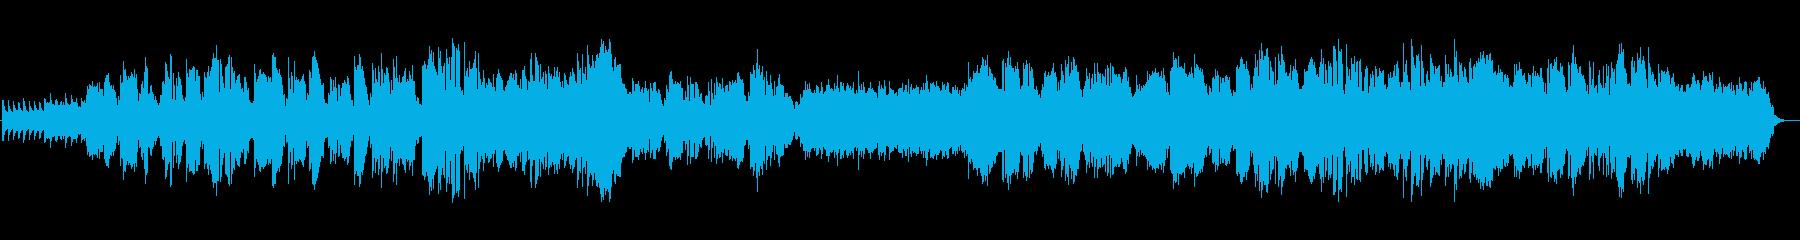 ジャズコードでおしゃれでアンニュイな曲の再生済みの波形